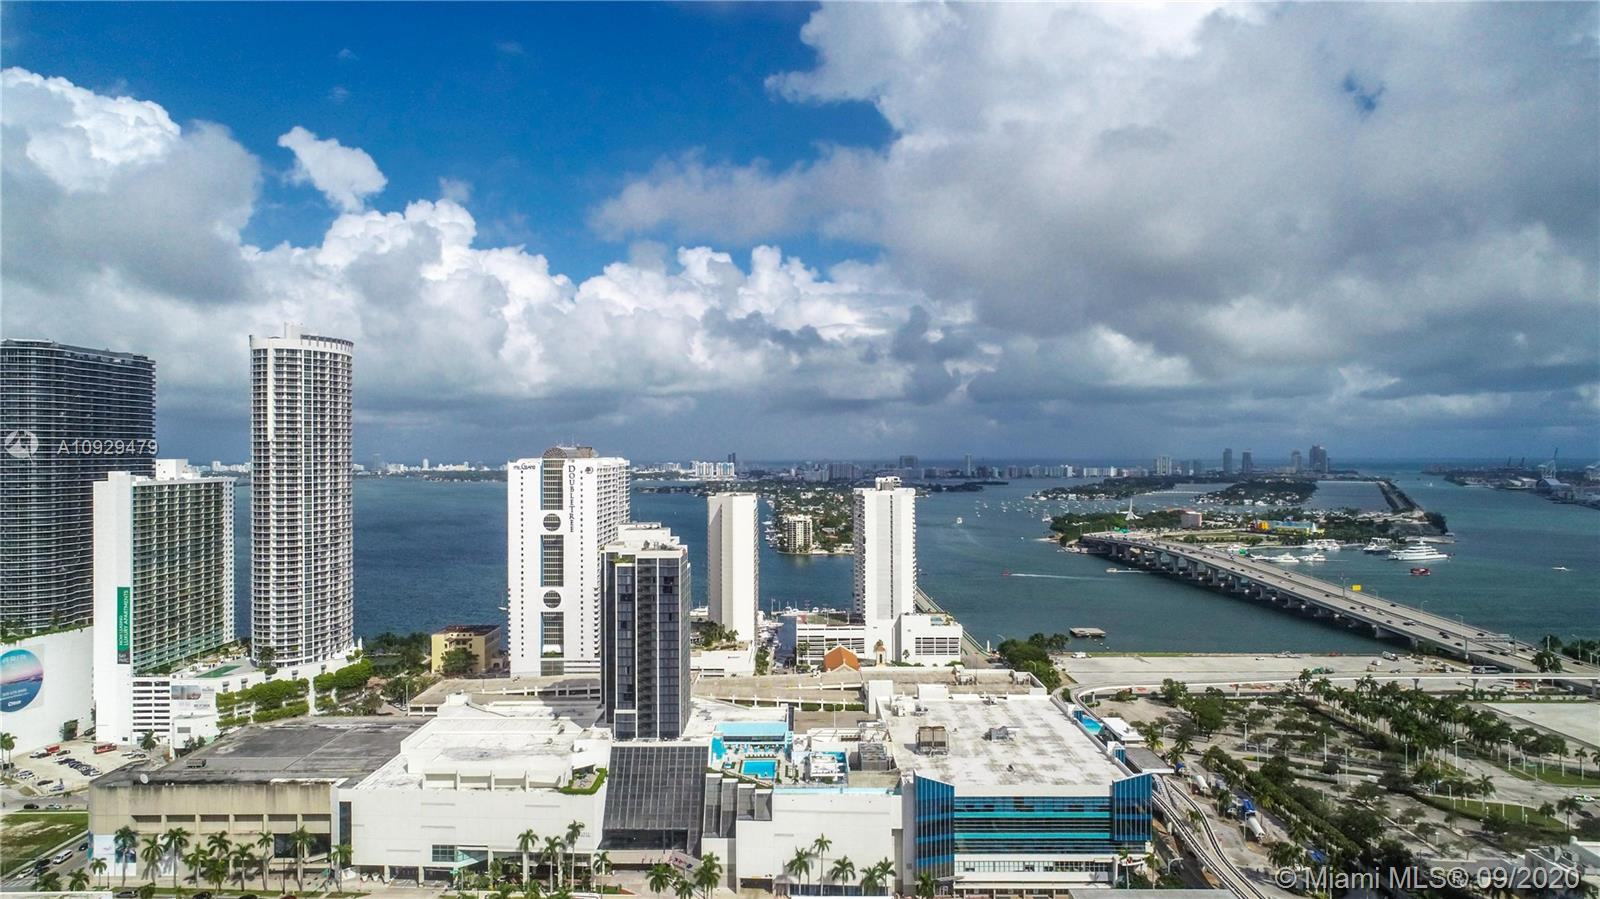 Canvas #3405 - 1600 NE 1st Ave #3405, Miami, FL 33132